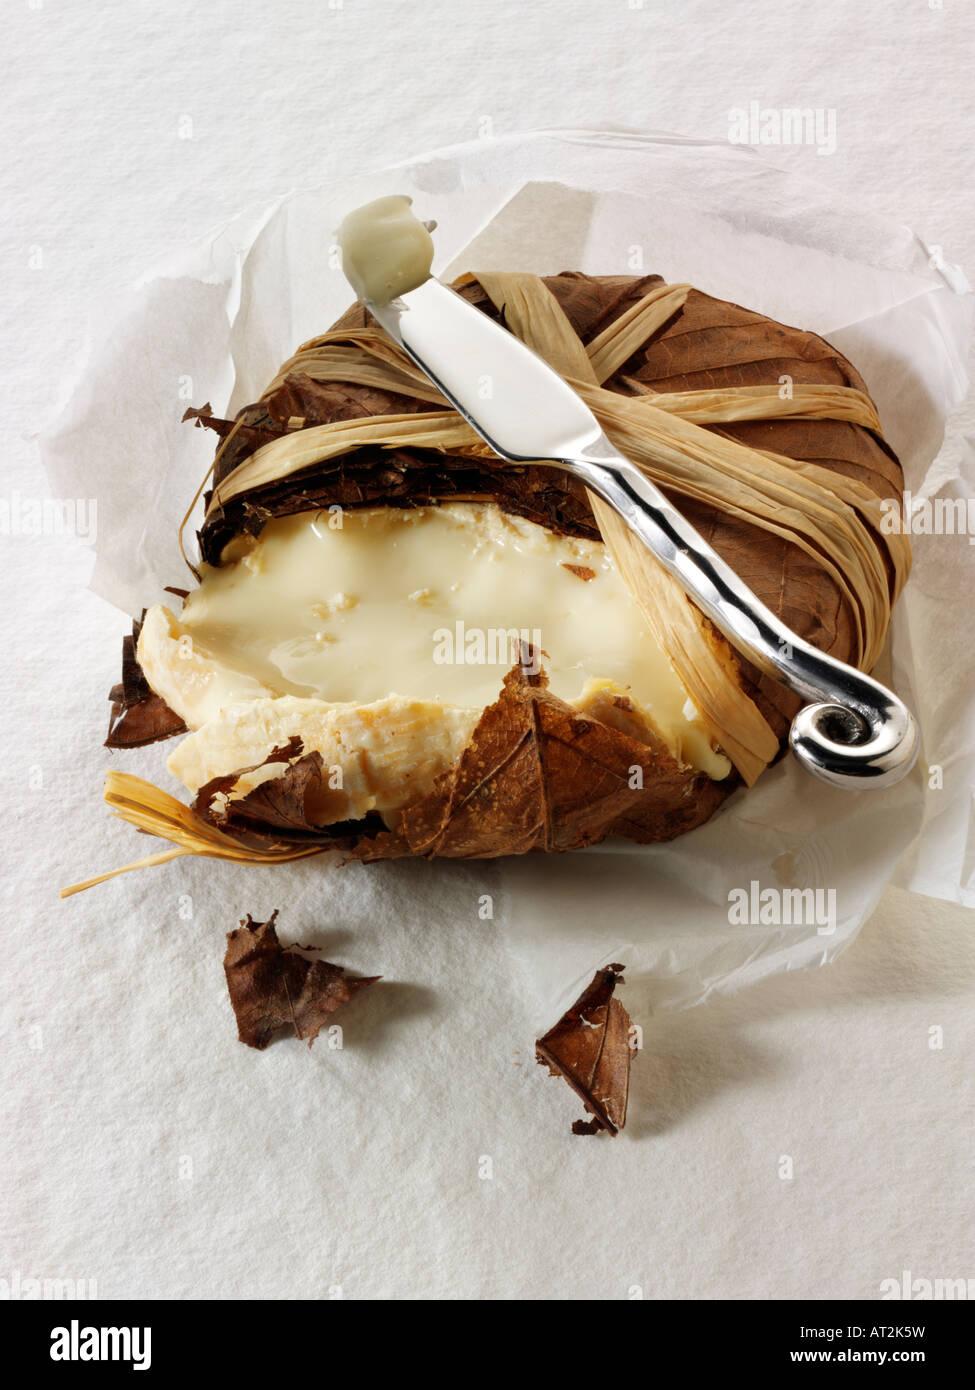 Bannon suave queso de cabra francés de Provenza en hojas sobre un fondo blanco. Imagen De Stock